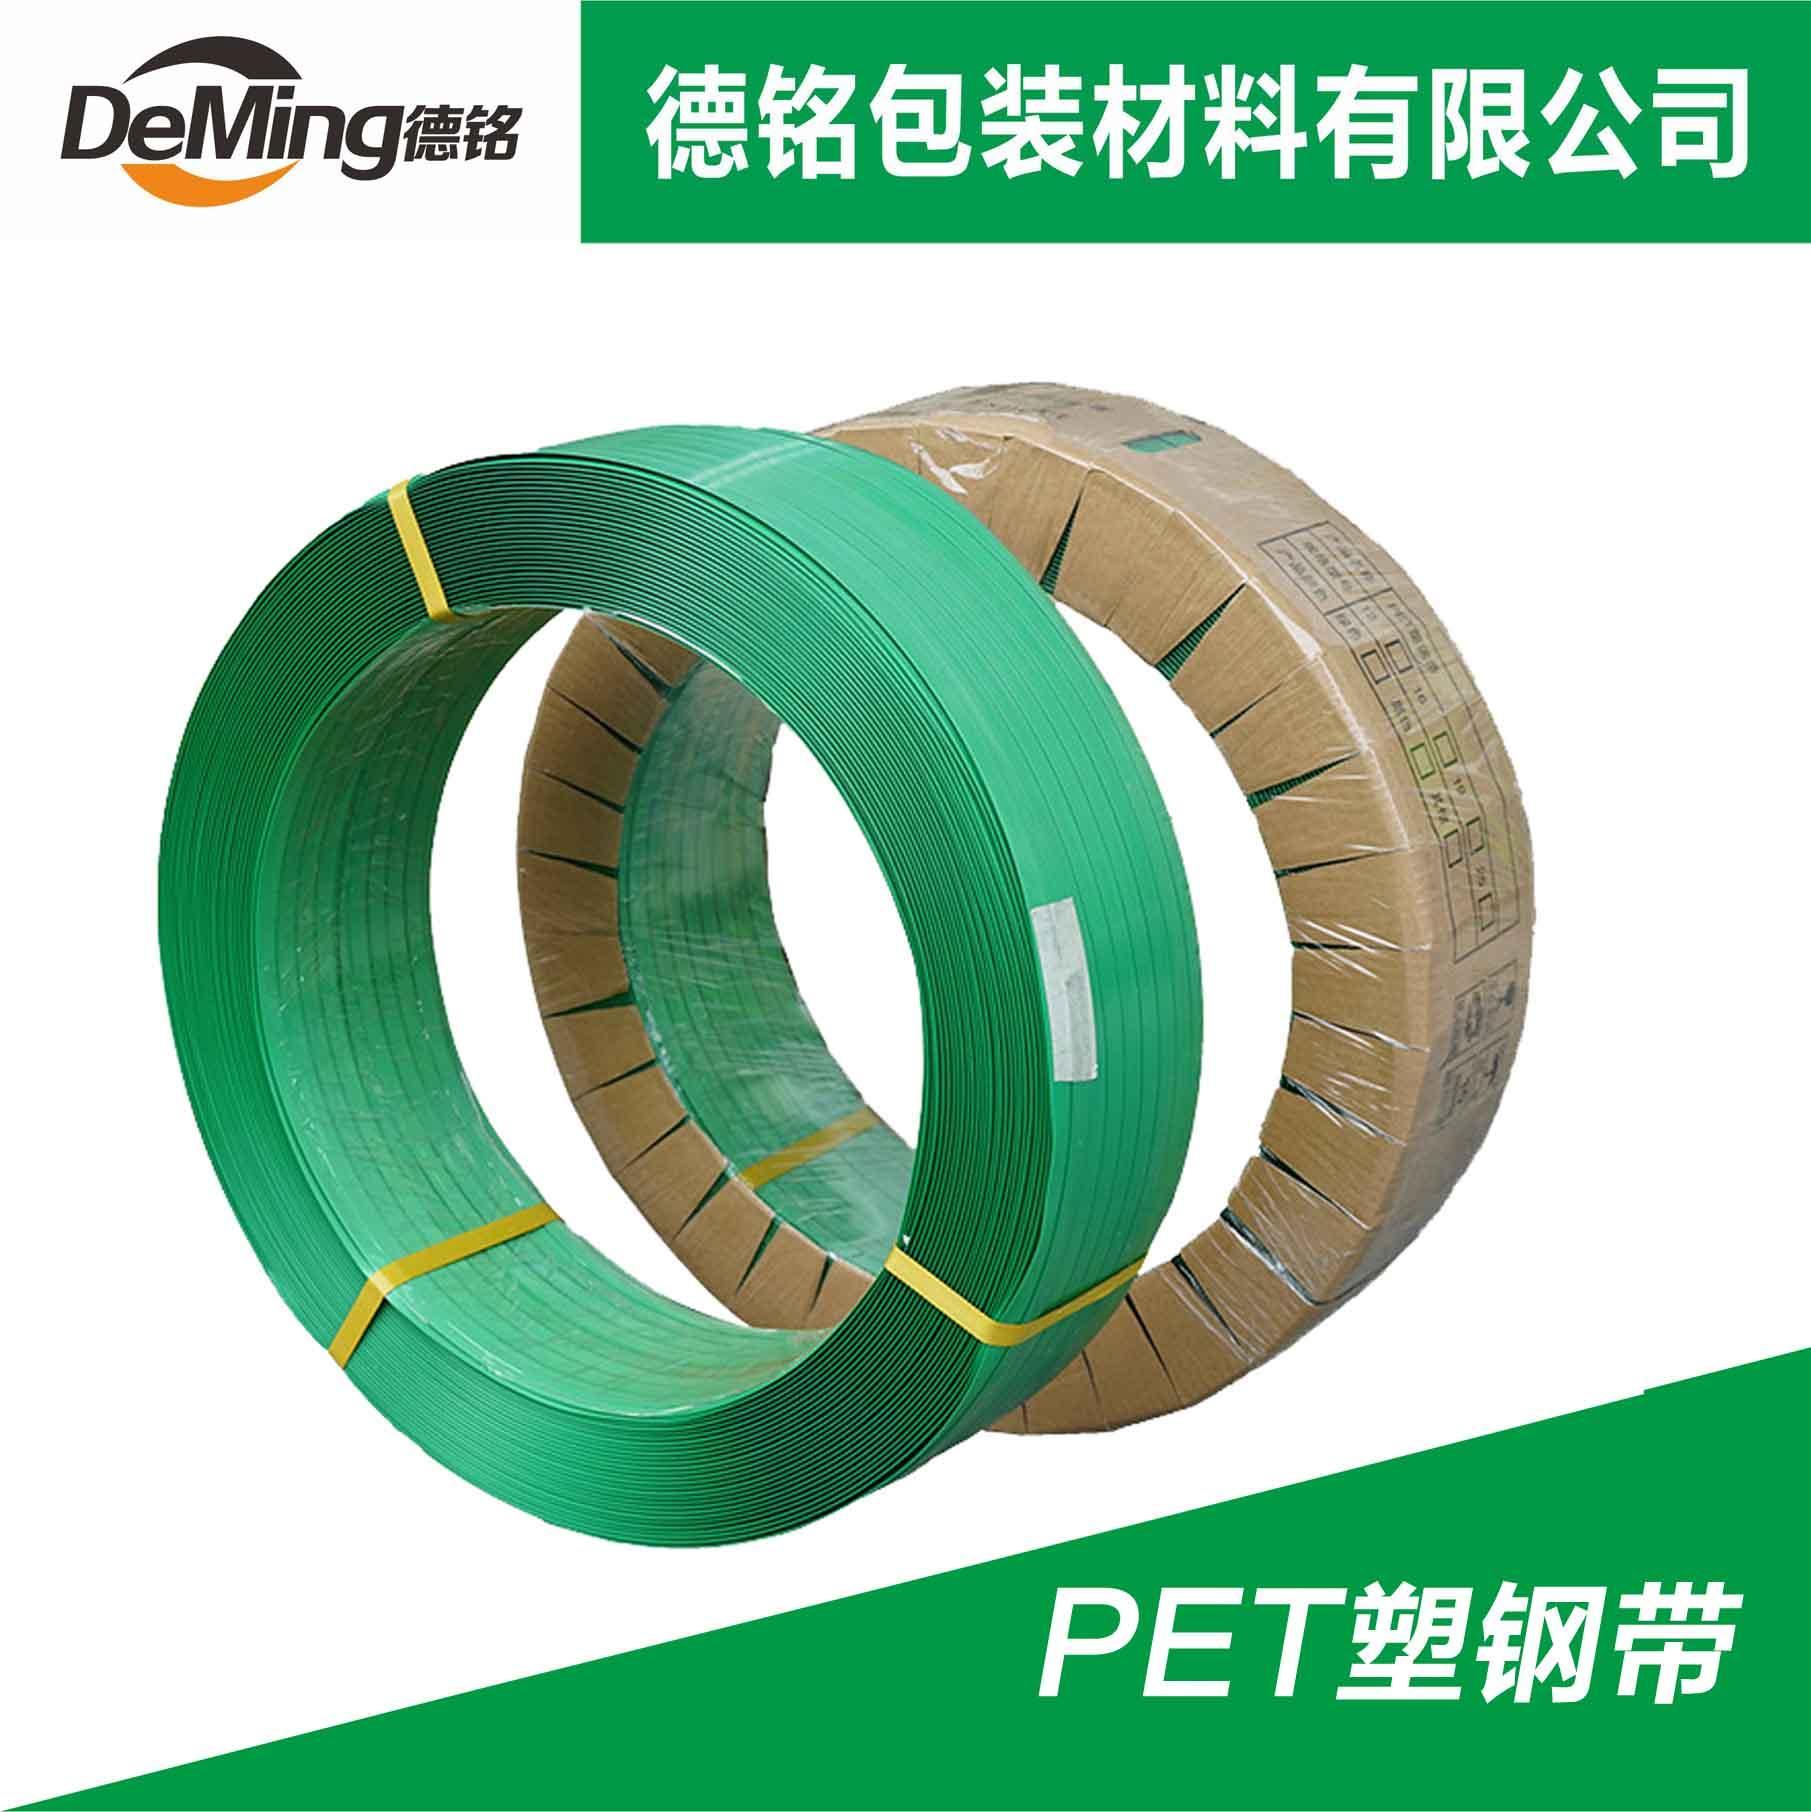 福州PET塑鋼帶廠家 福州德銘包裝材料有限公司